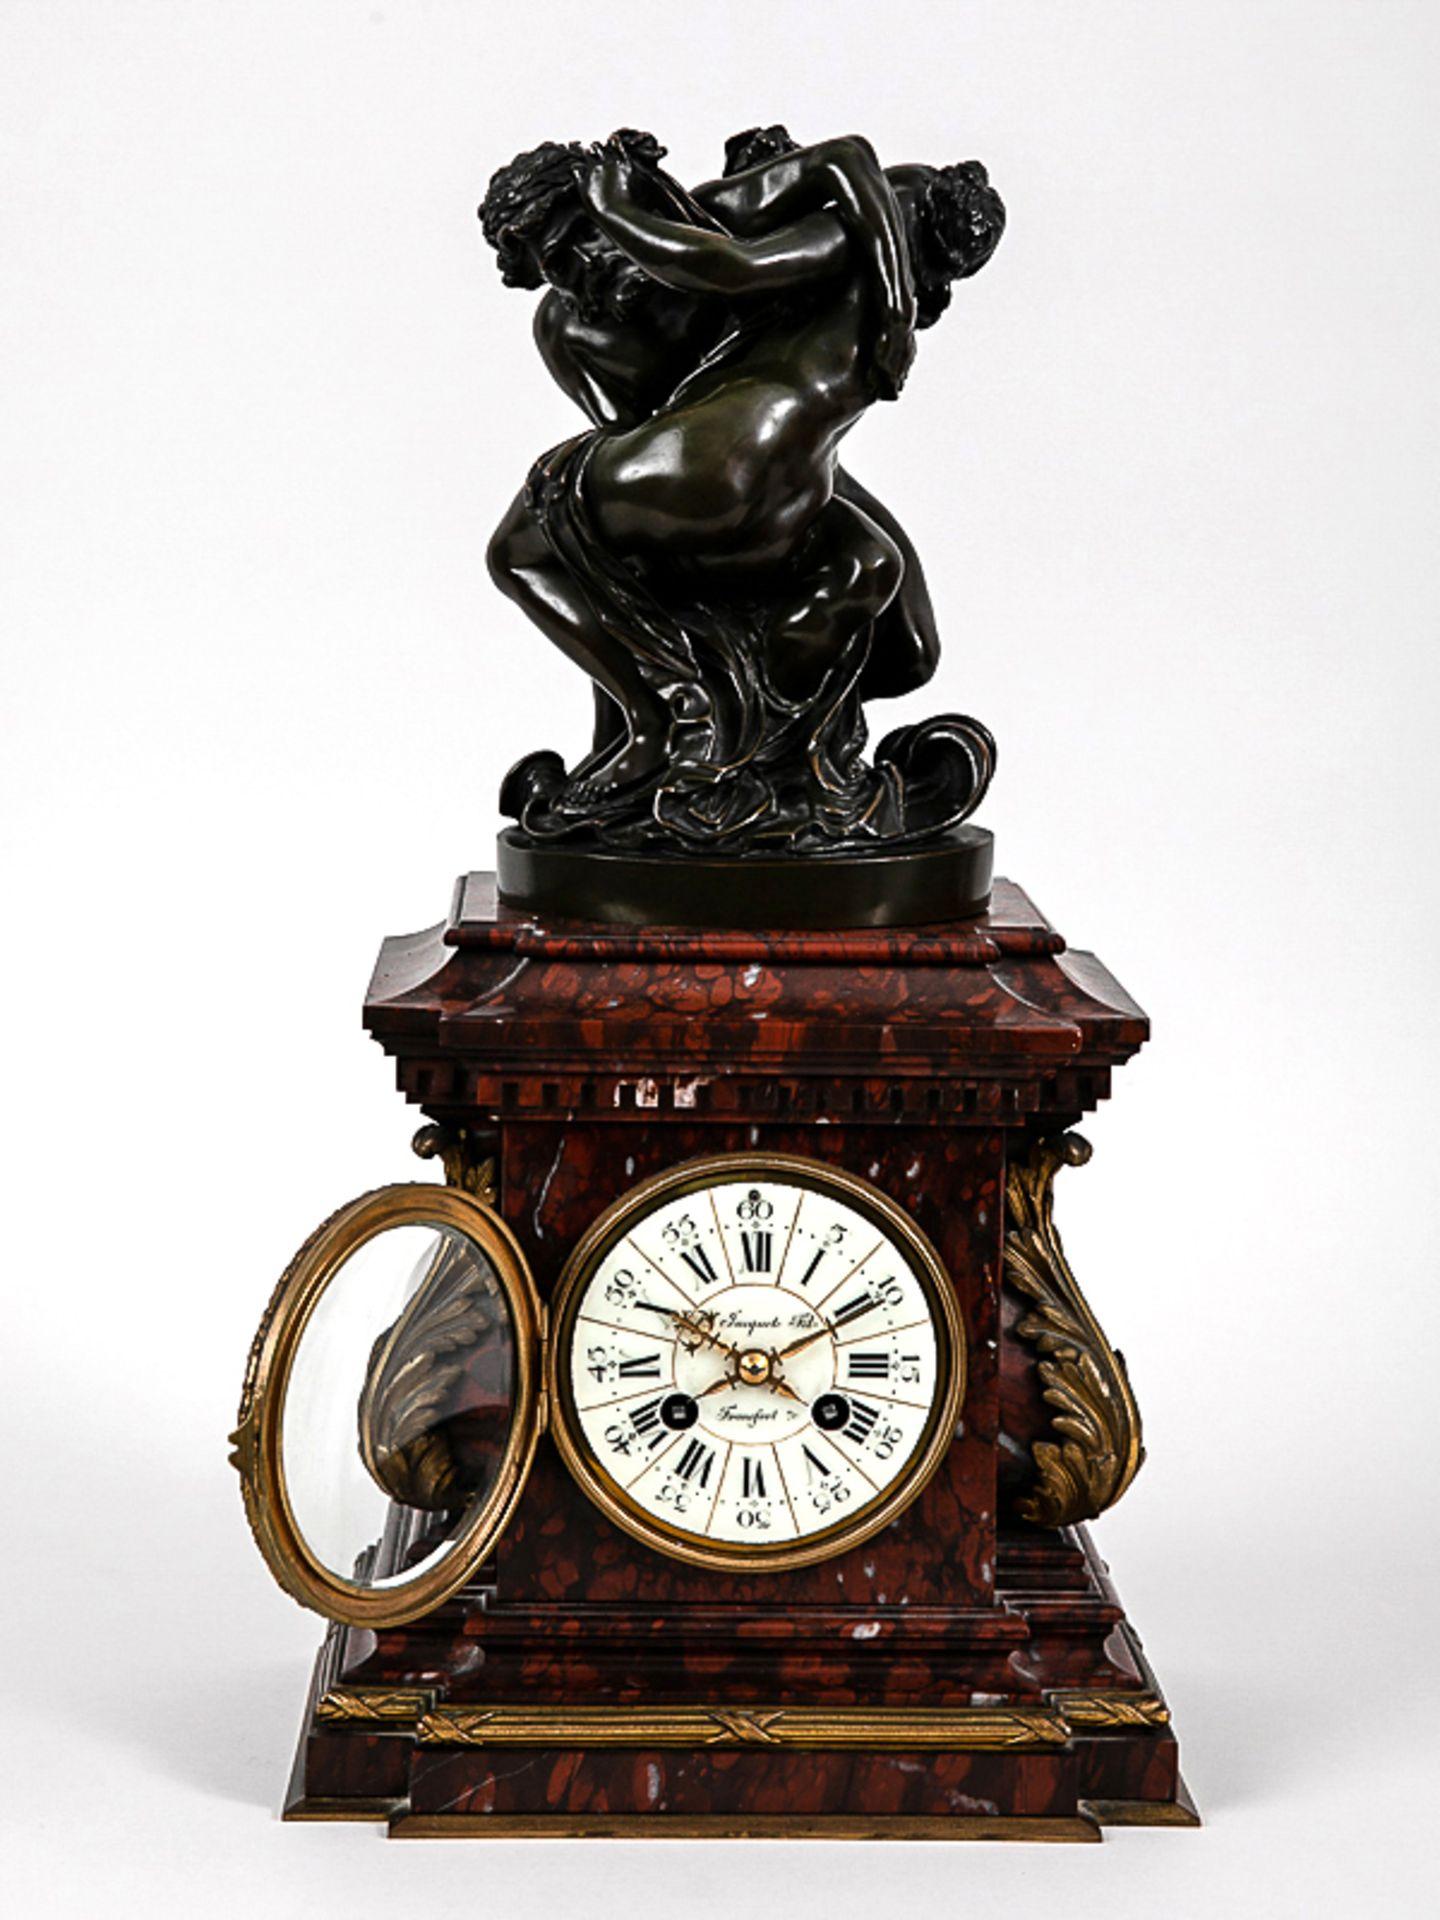 Kaminuhr mit Bronzegruppe, H. Jacquet & Fils/ Roblin, Paris, 2. Hälfte 19. Jh. Bronzeplastik i - Bild 3 aus 10